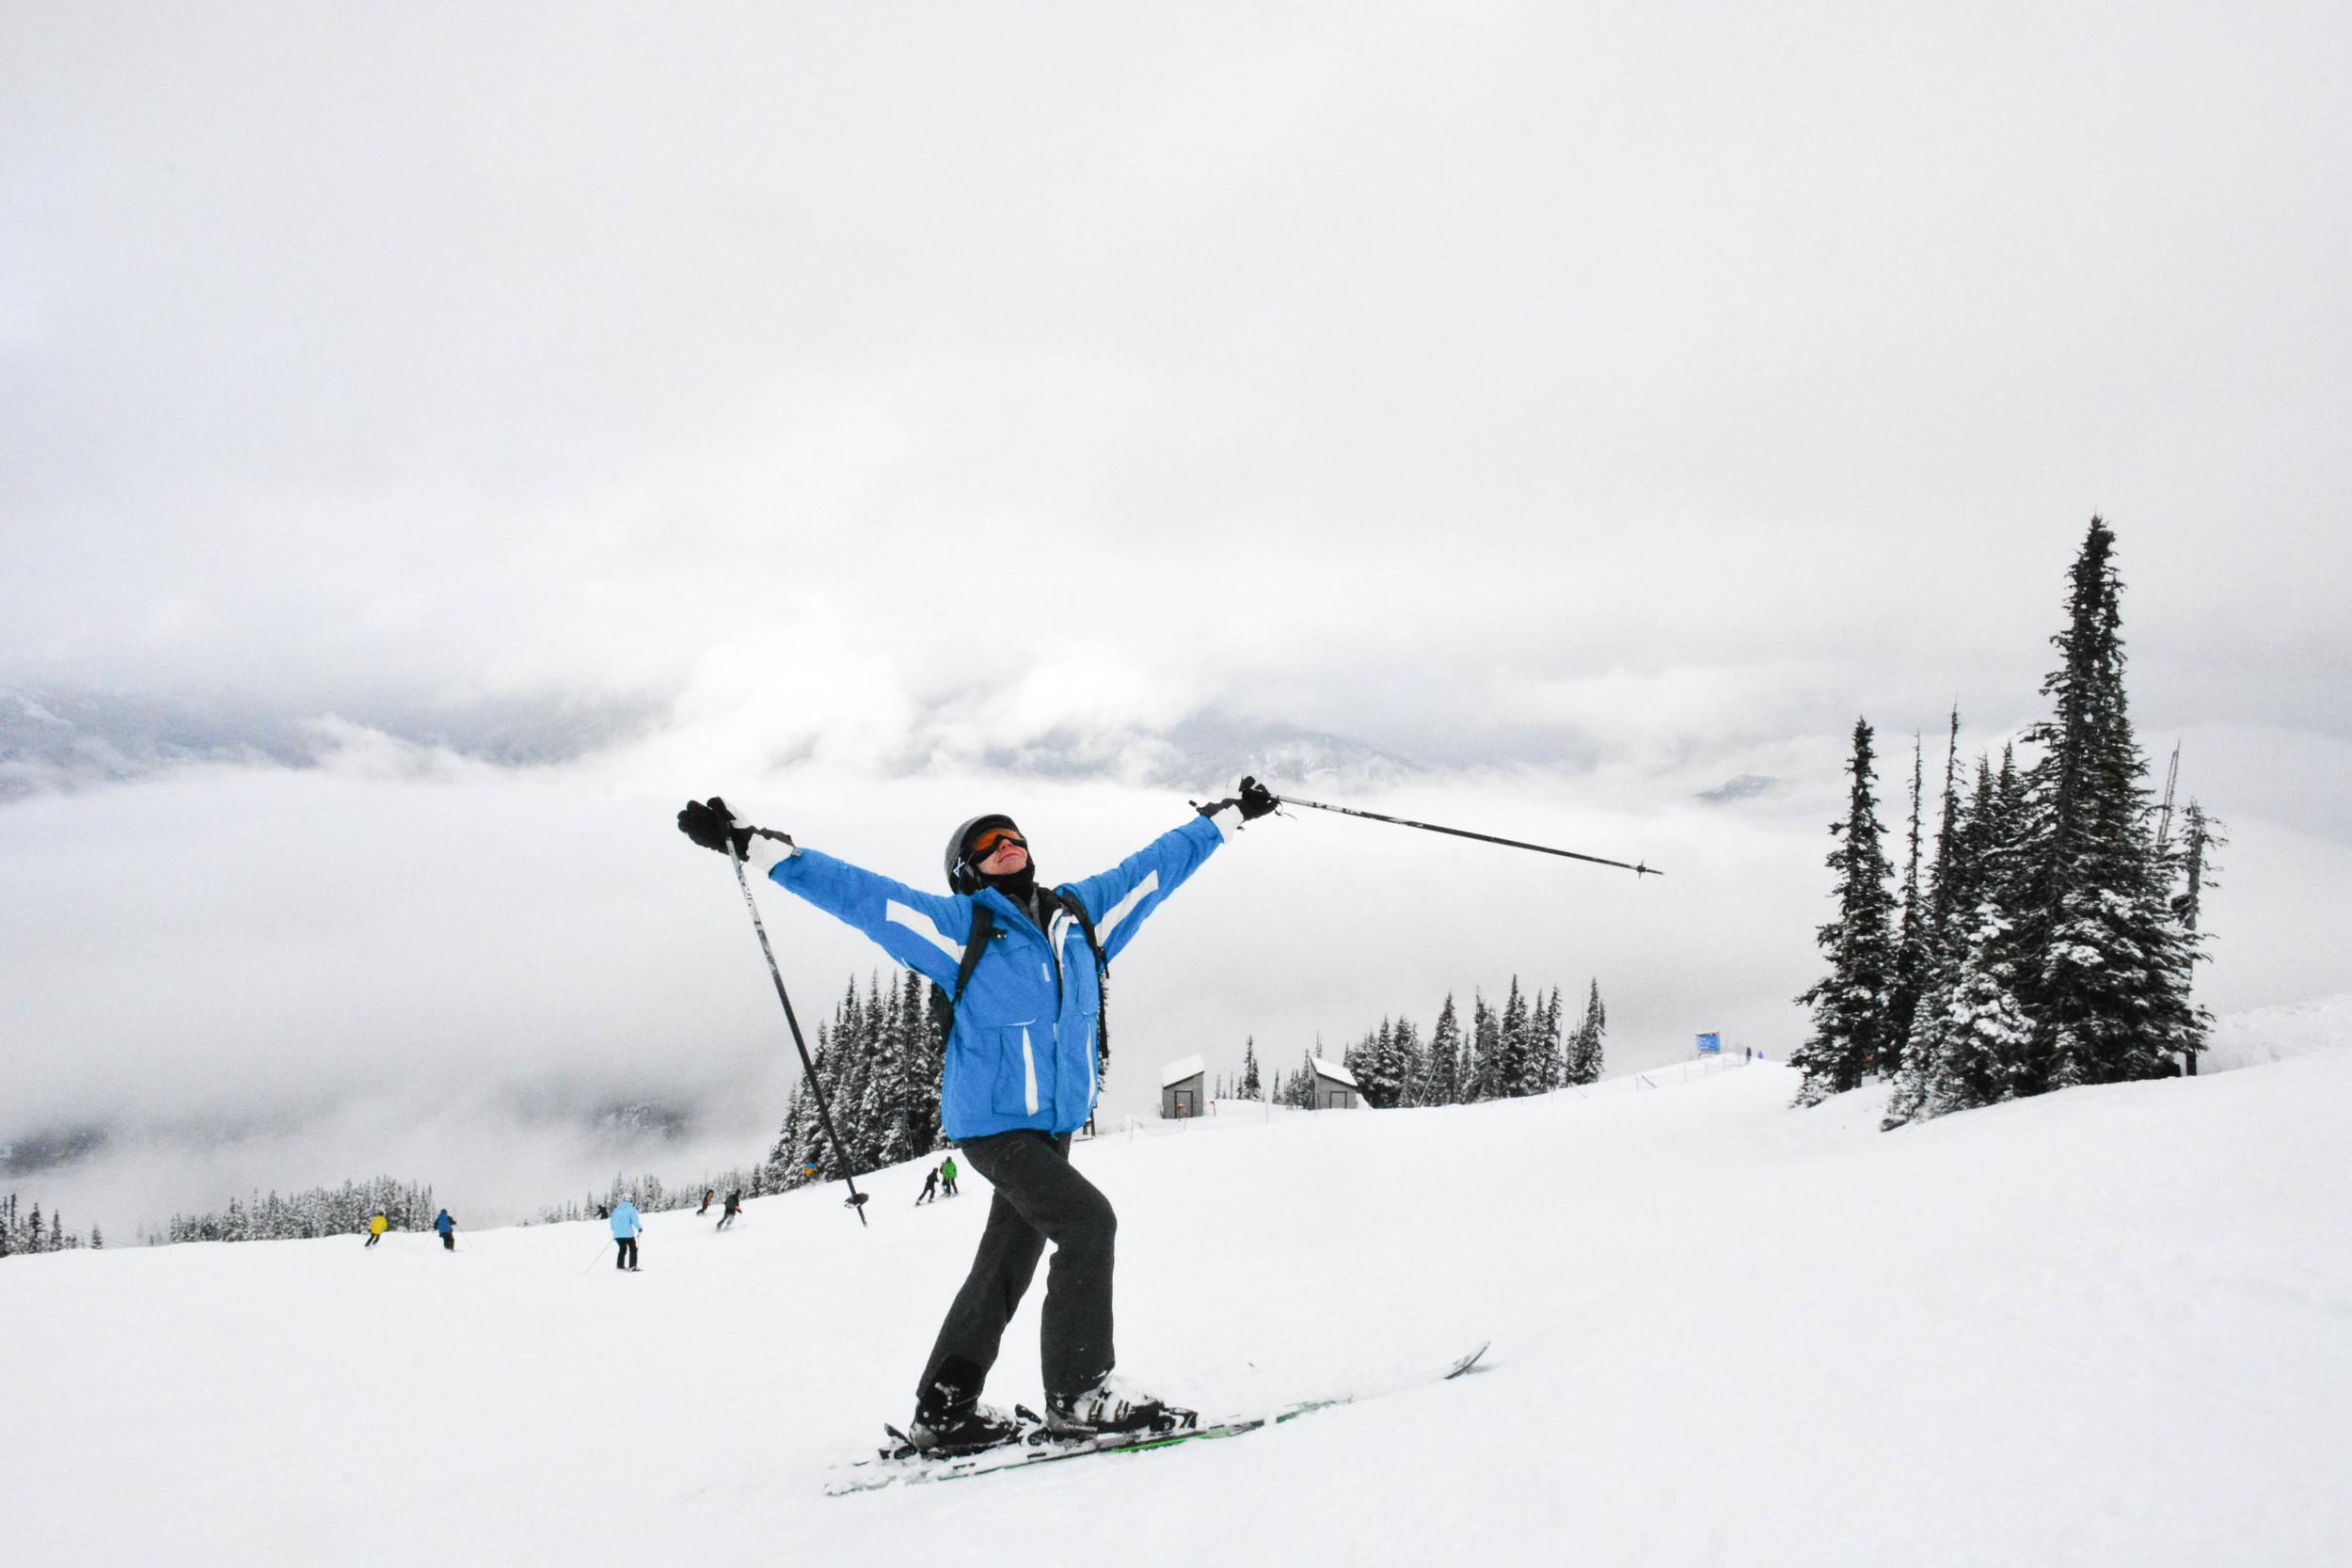 Anton enjoying Whistler's snowy paradise